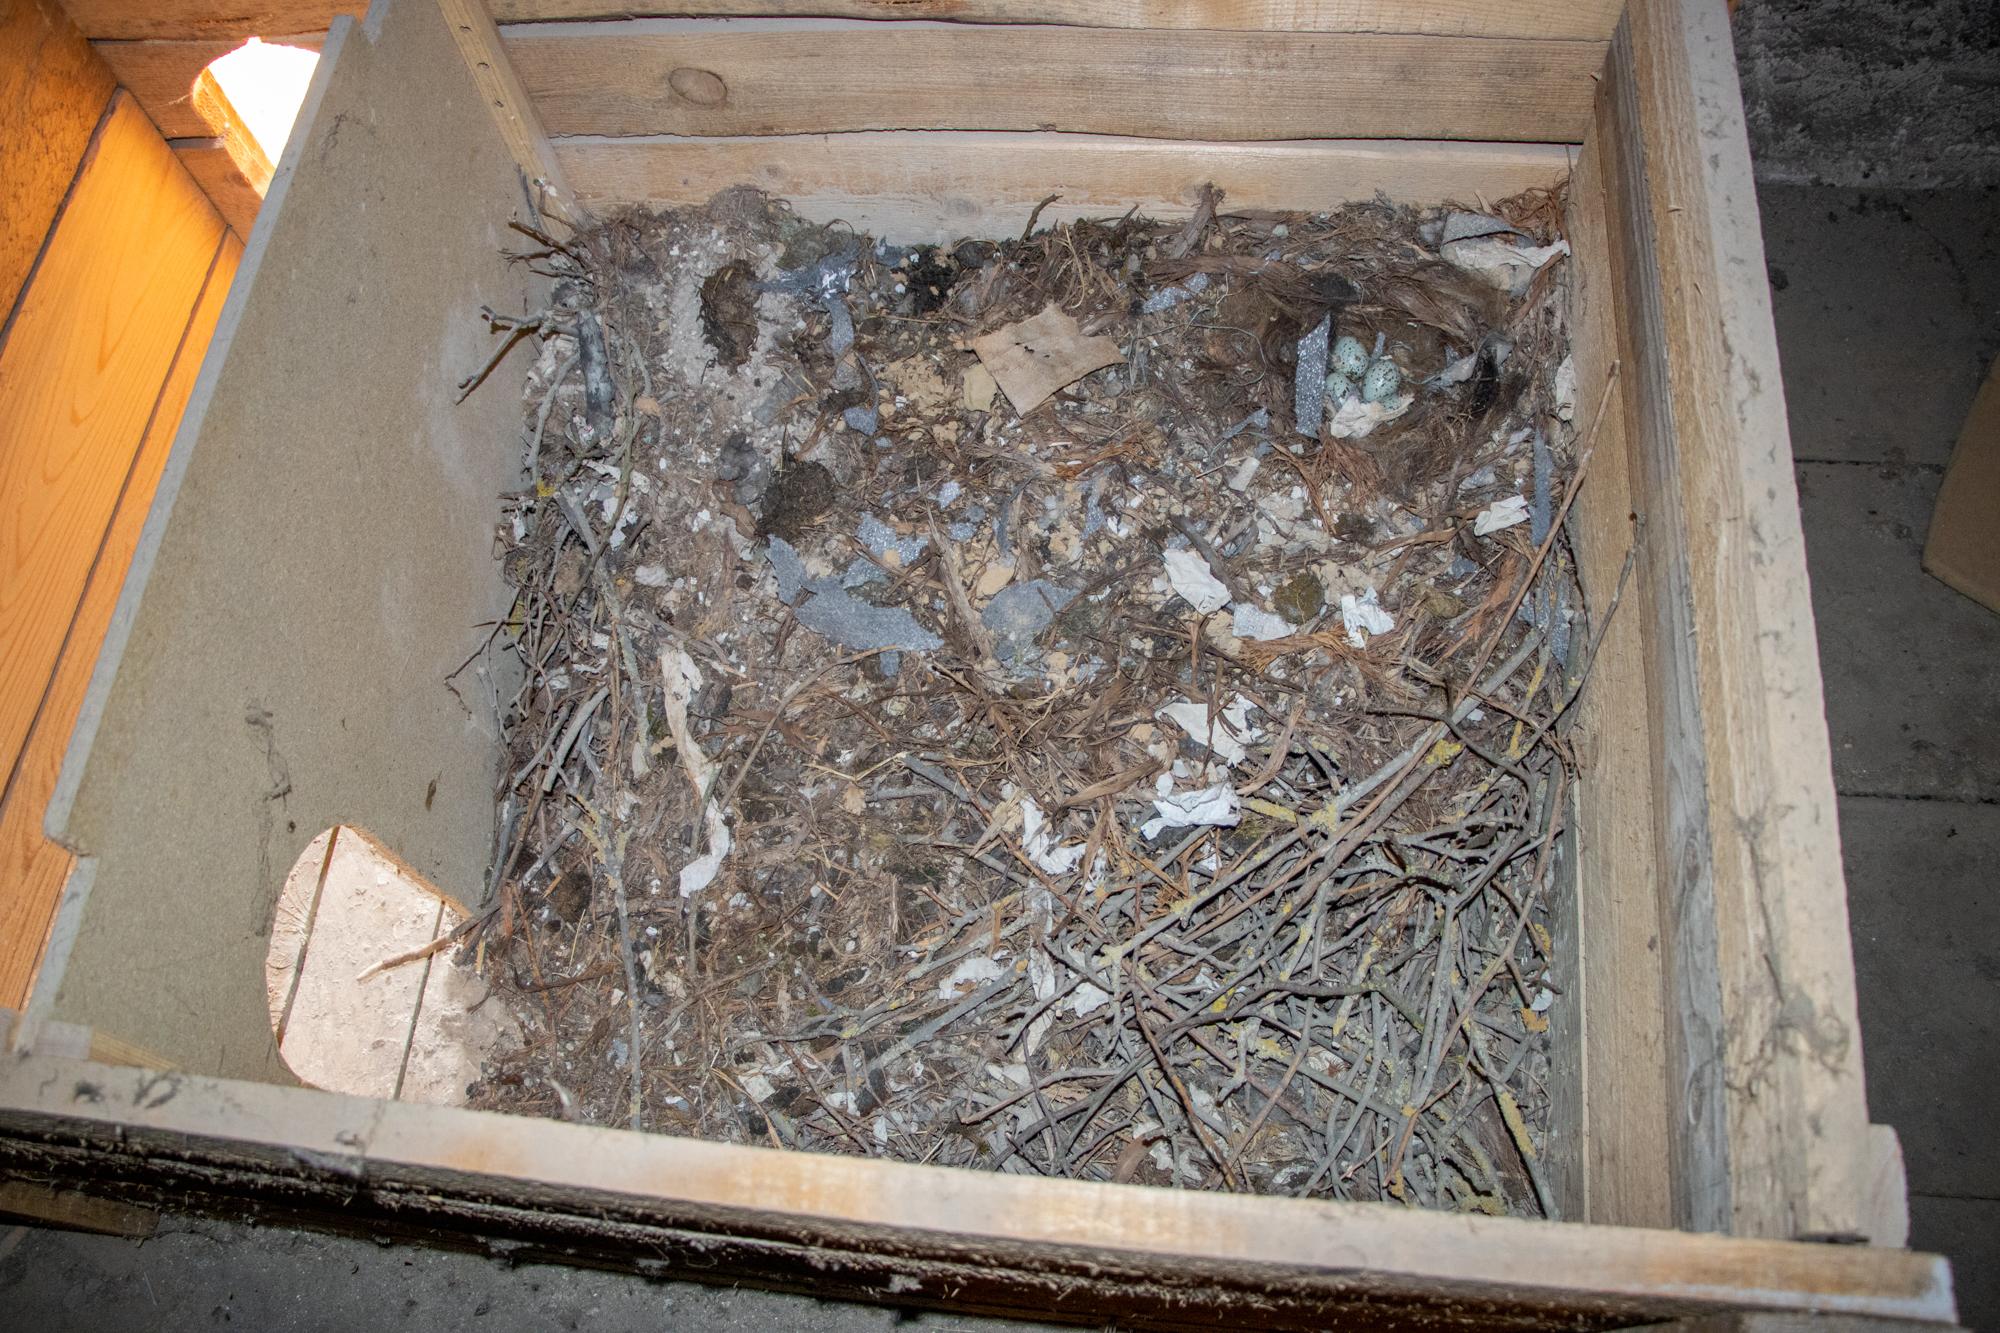 Nest mit viel Reisig im Nistkasten auf dem Dachboden